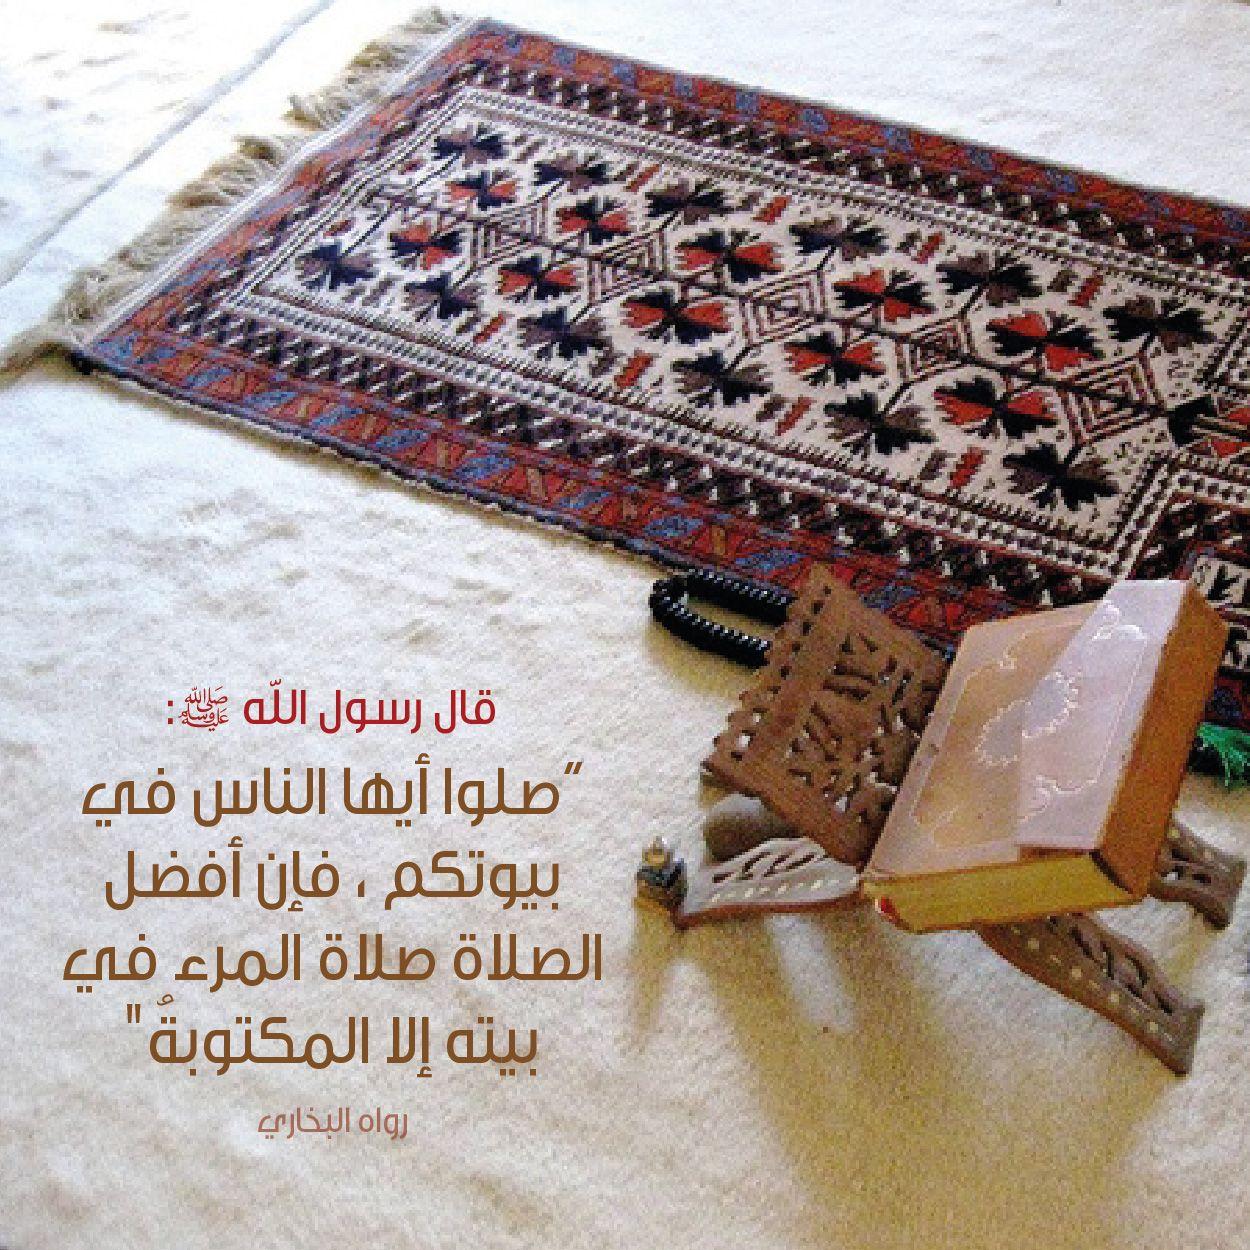 قال رسول الله صلى الله عليه وسلم صلوا أيها الناس في بيوتكم فإن أفضل الصلاة صلاة المرء في بيته إلا المكتوبة رواه البخا Bohemian Rug Hadeeth Iconosquare